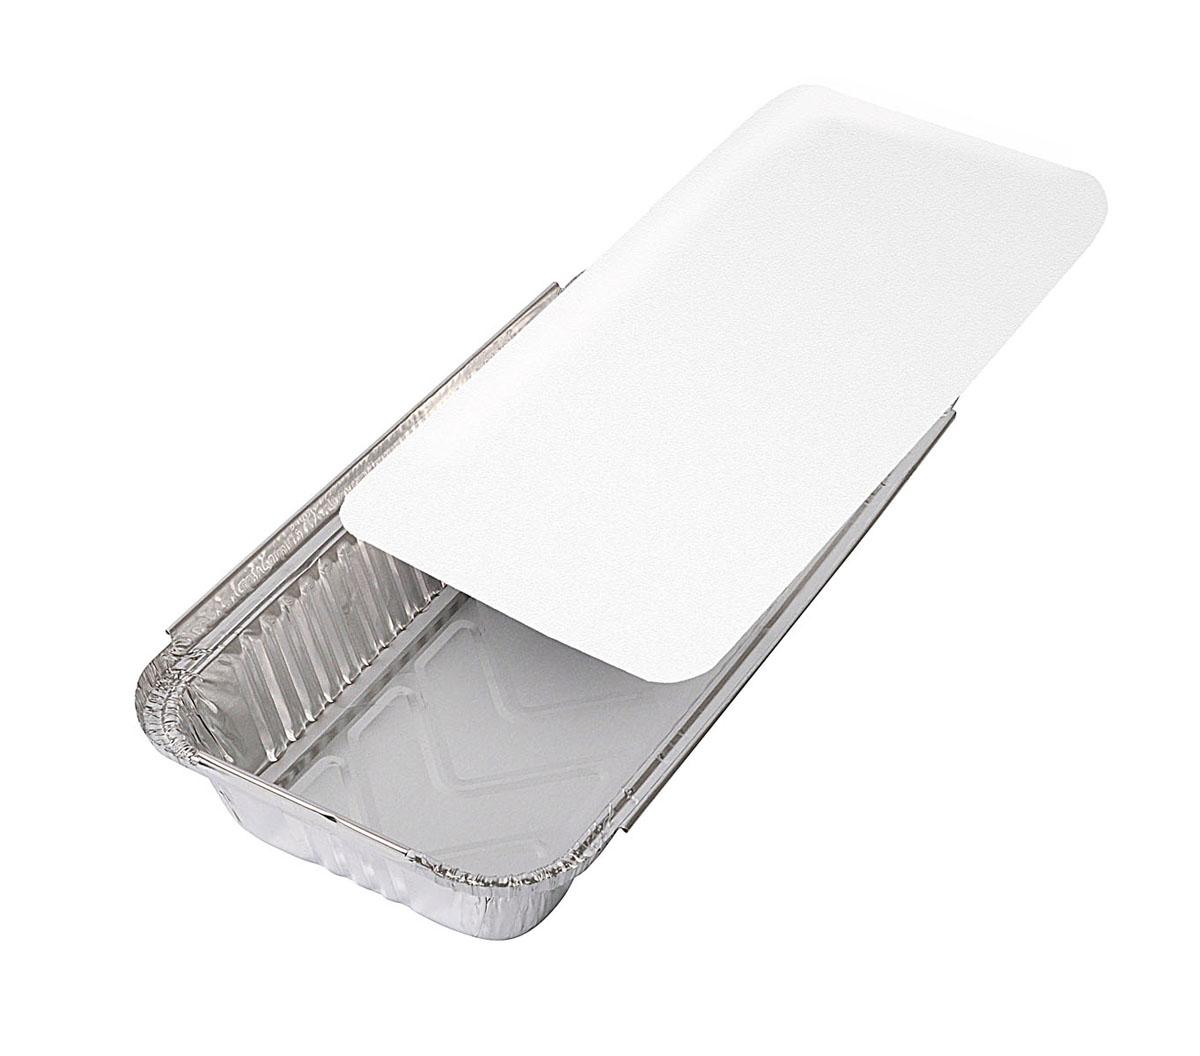 Набор форм для запекания рыбы Едим Дома, с крышками, 29 см х 15 см х 5 см, 3 шт62348Формы для запекания рыбы Едим Дома изготовлены из особо прочной фольги и имеют дополнительные ребра жесткости, что не позволит им разорваться, потерять форму или сломаться. Равномерное распределение тепла в алюминиевых формах и прочные герметичные крышки помогут приготовить сочную рыбу за короткий срок. После приготовления запеченную рыбу можно хранить в форме, а крышки не позволят ей обветриться или засохнуть. В комплект входит рецепт от Юлии Высоцкой.